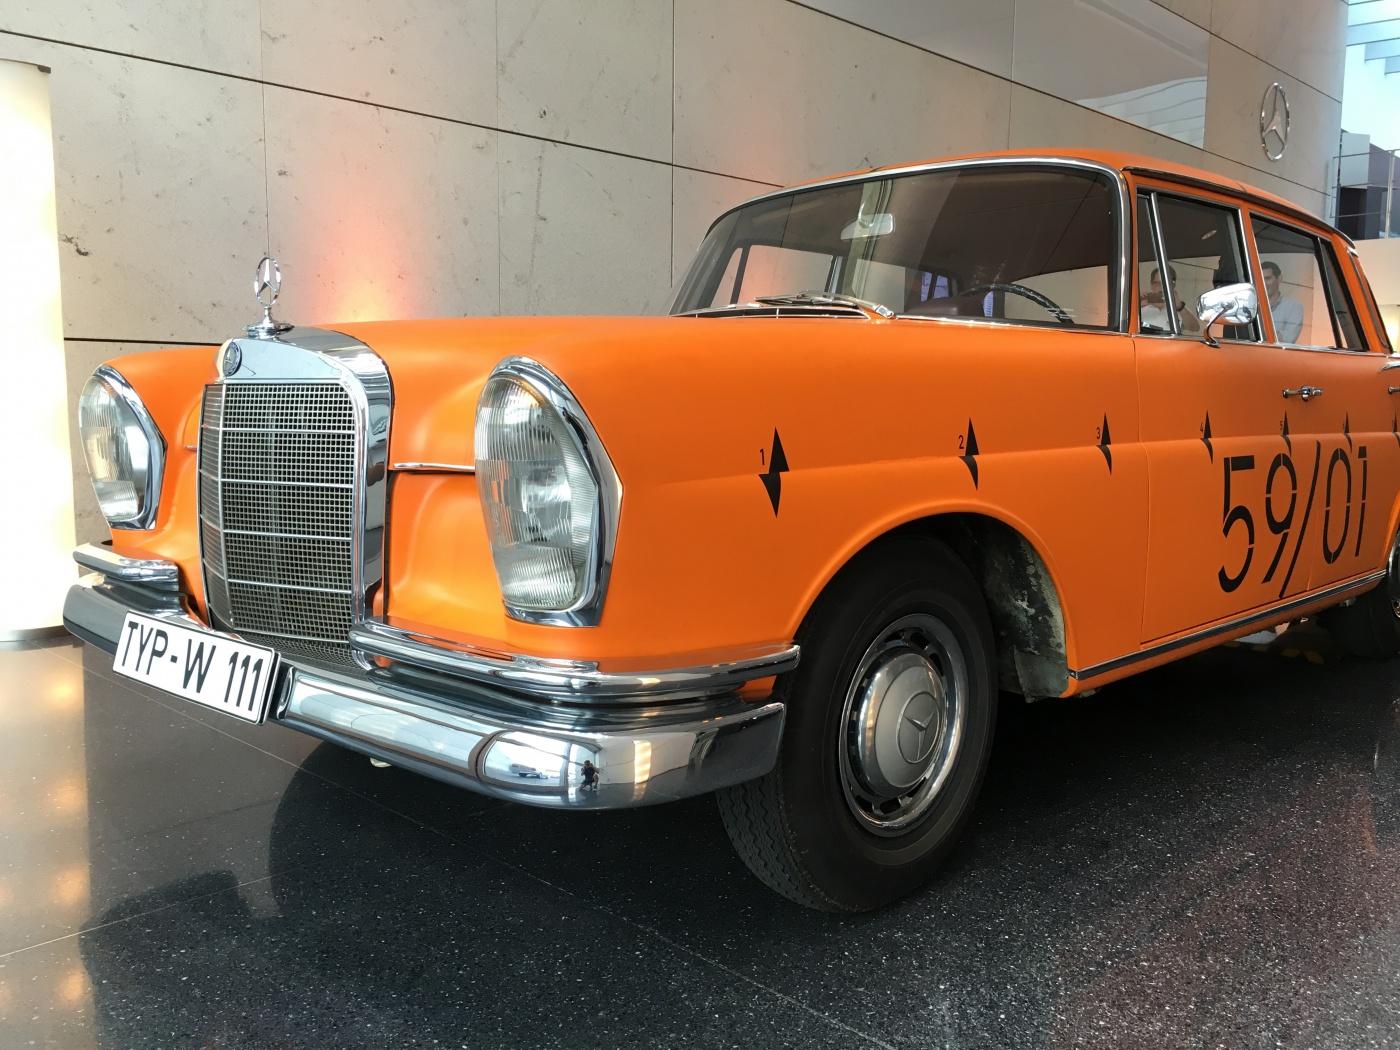 Mercedes-Benz W111 Crash car